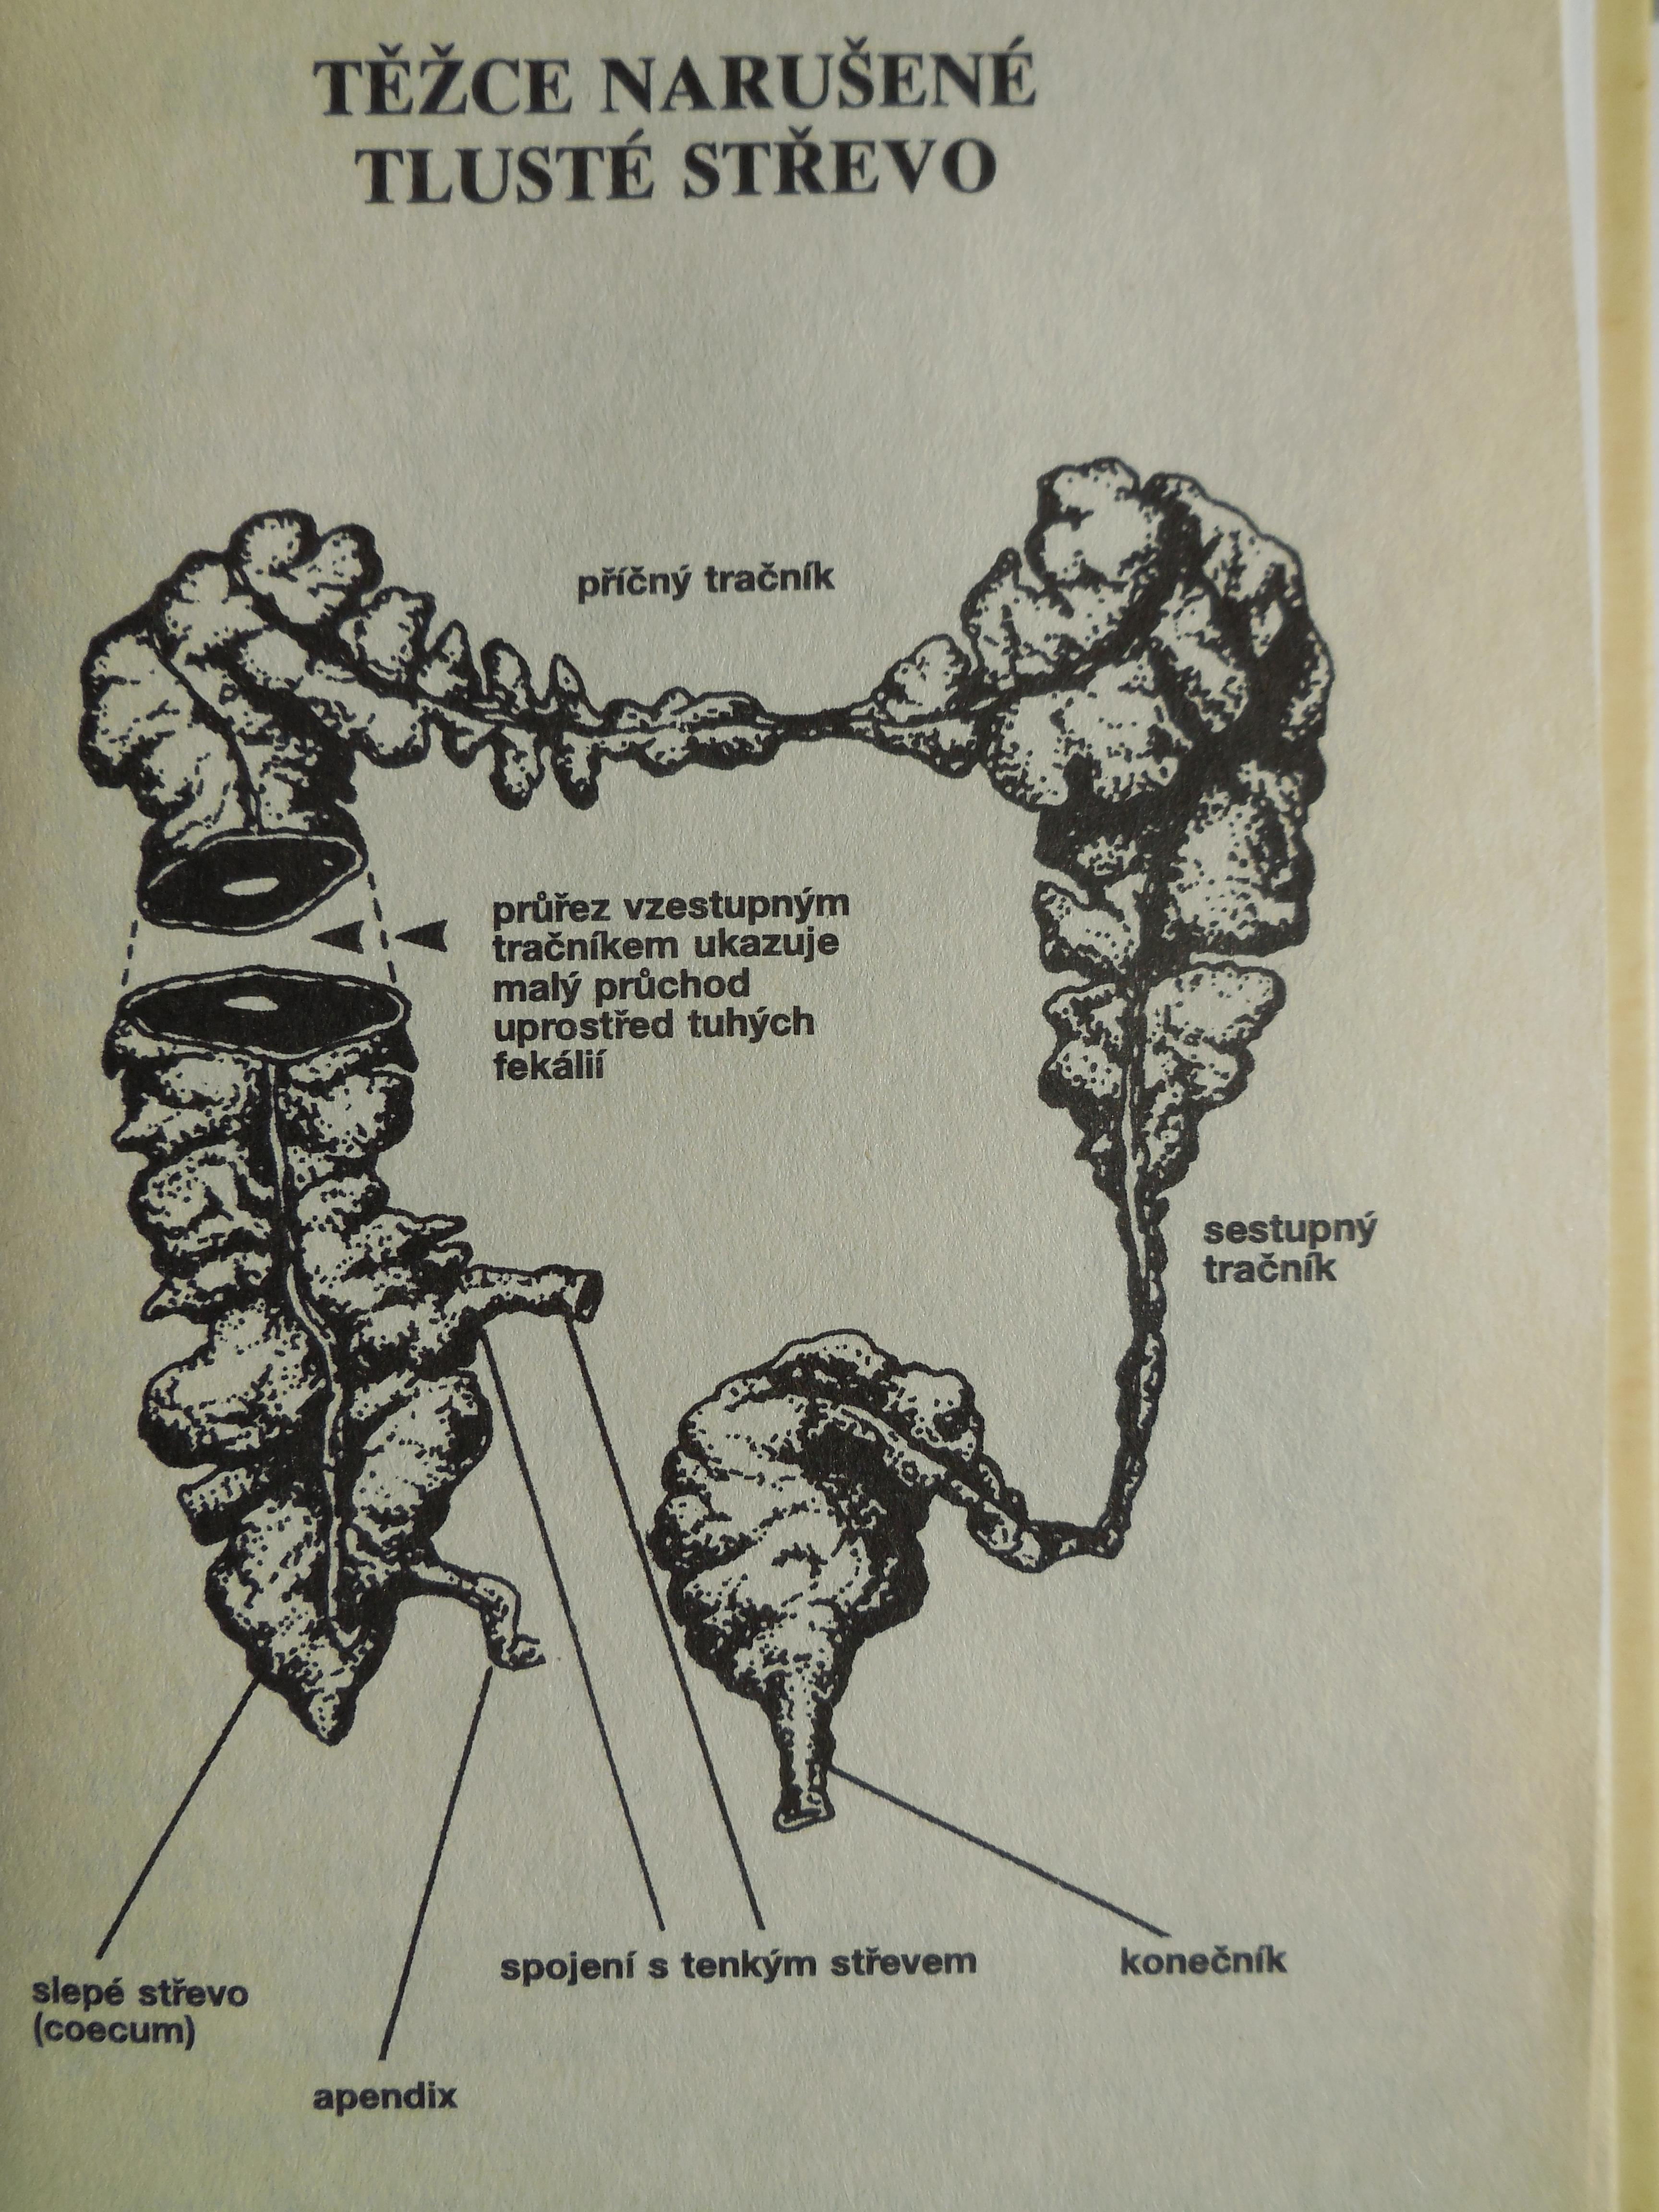 Všimněte si průřezu tlustého střeva